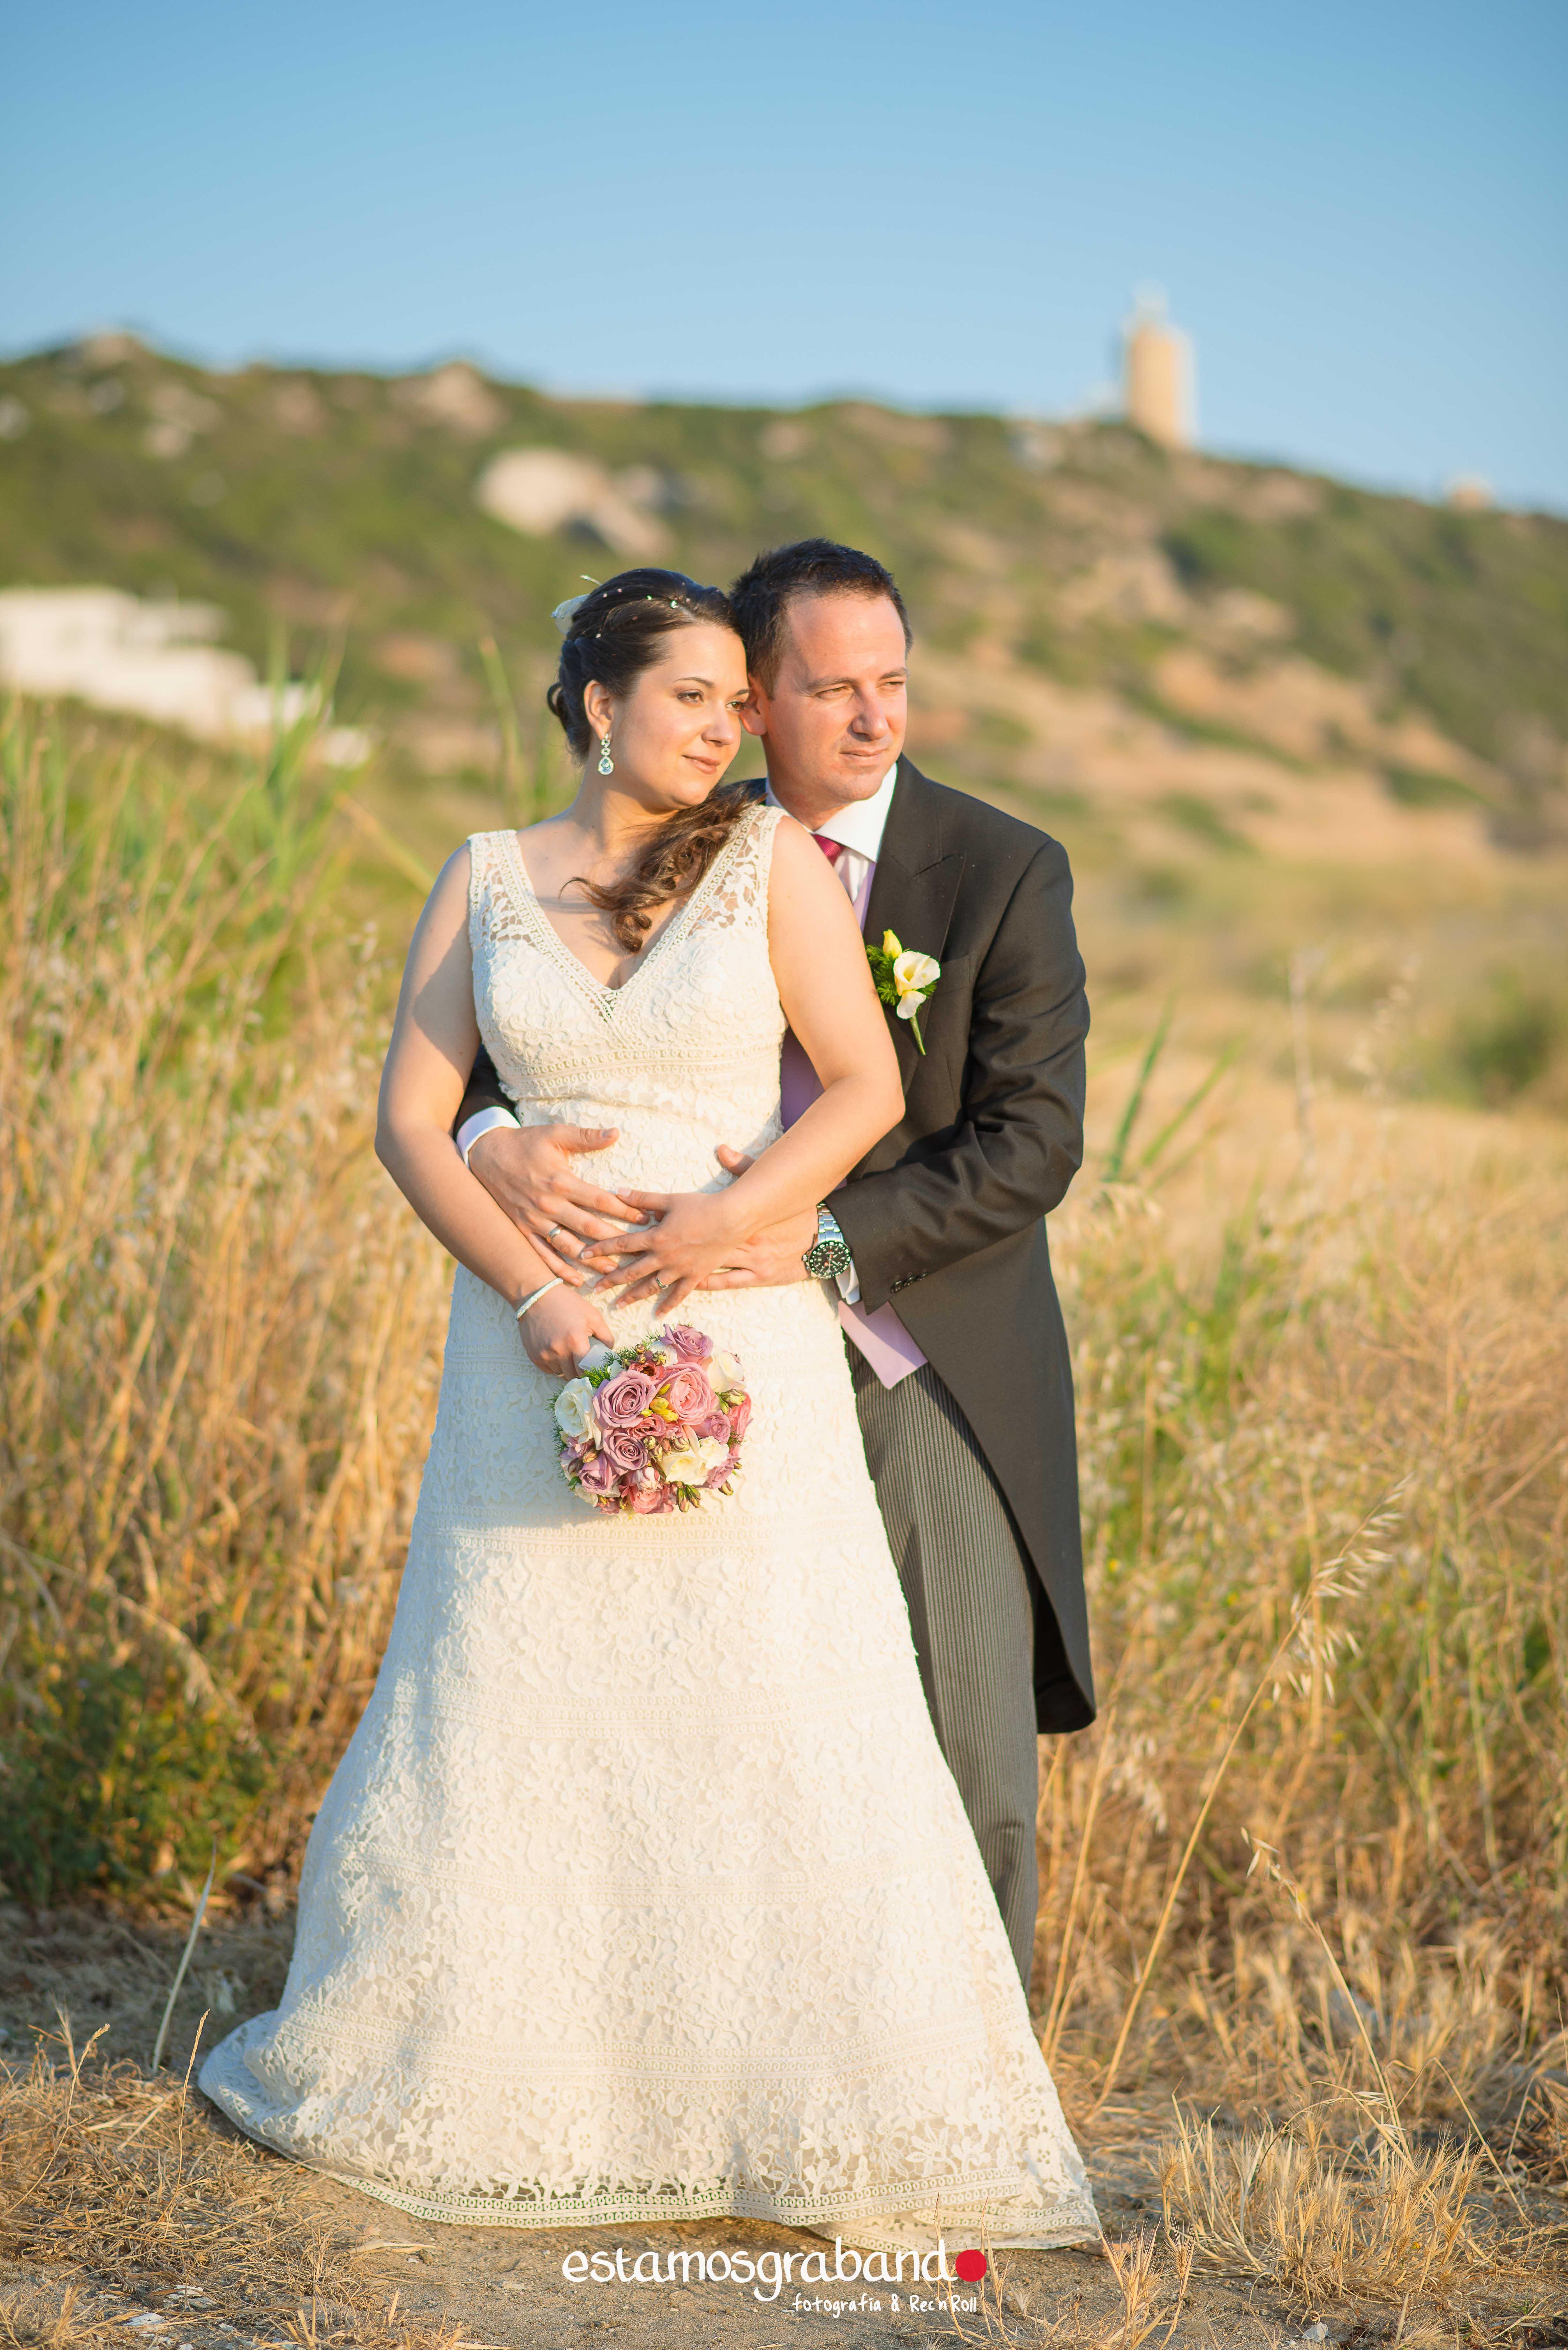 boda-en-chiclana_sonia-y-diego_fotograficc81a-de-boda-57 Zahara Sonia + Diego [Fotografía de Boda en Zahara] - video boda cadiz